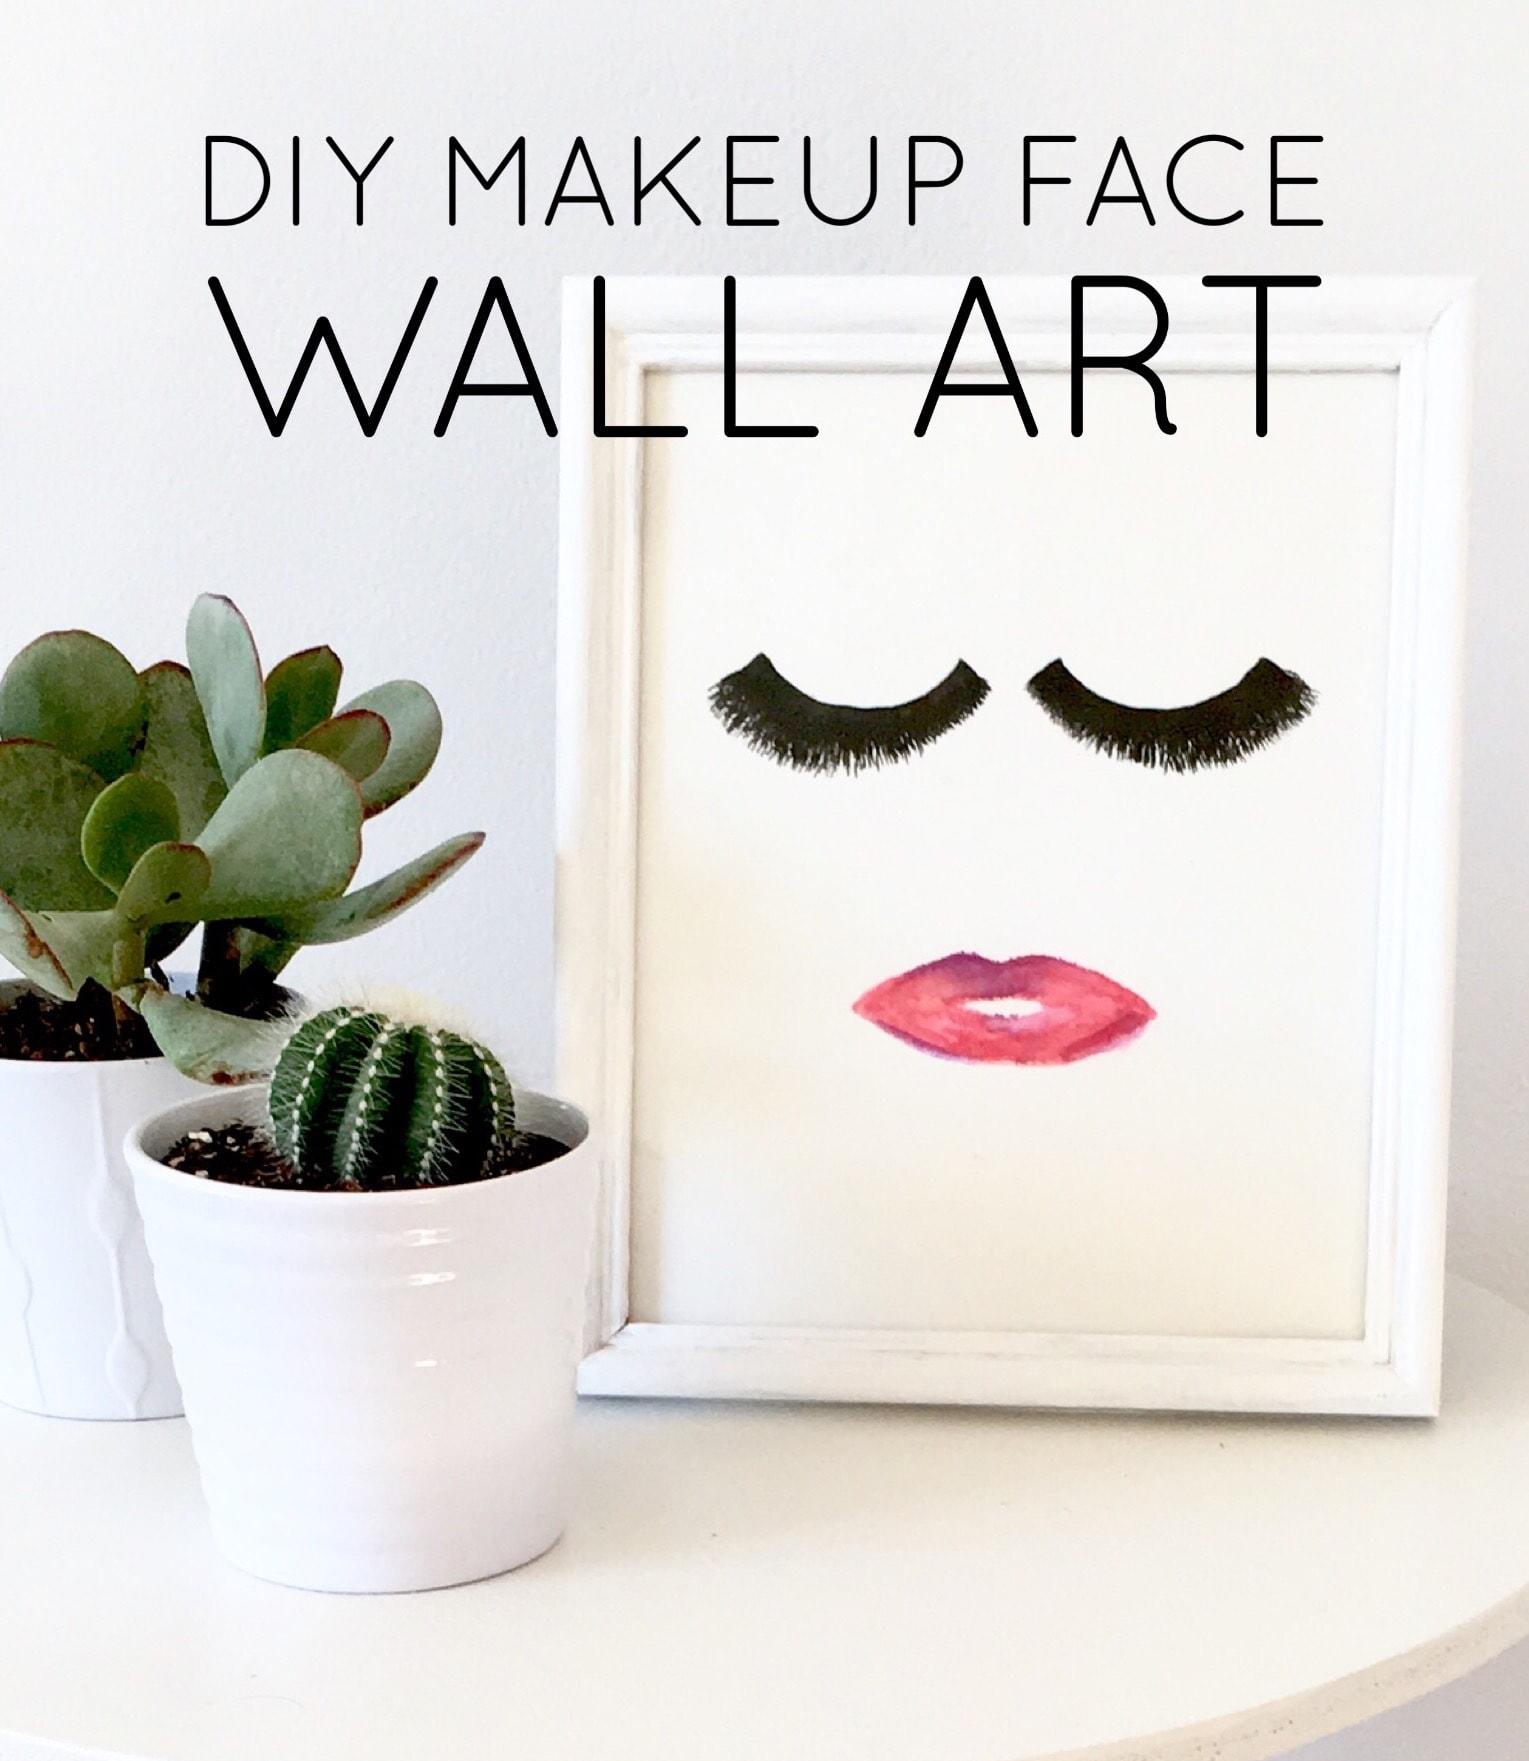 DIY Makeup Face Wall Art